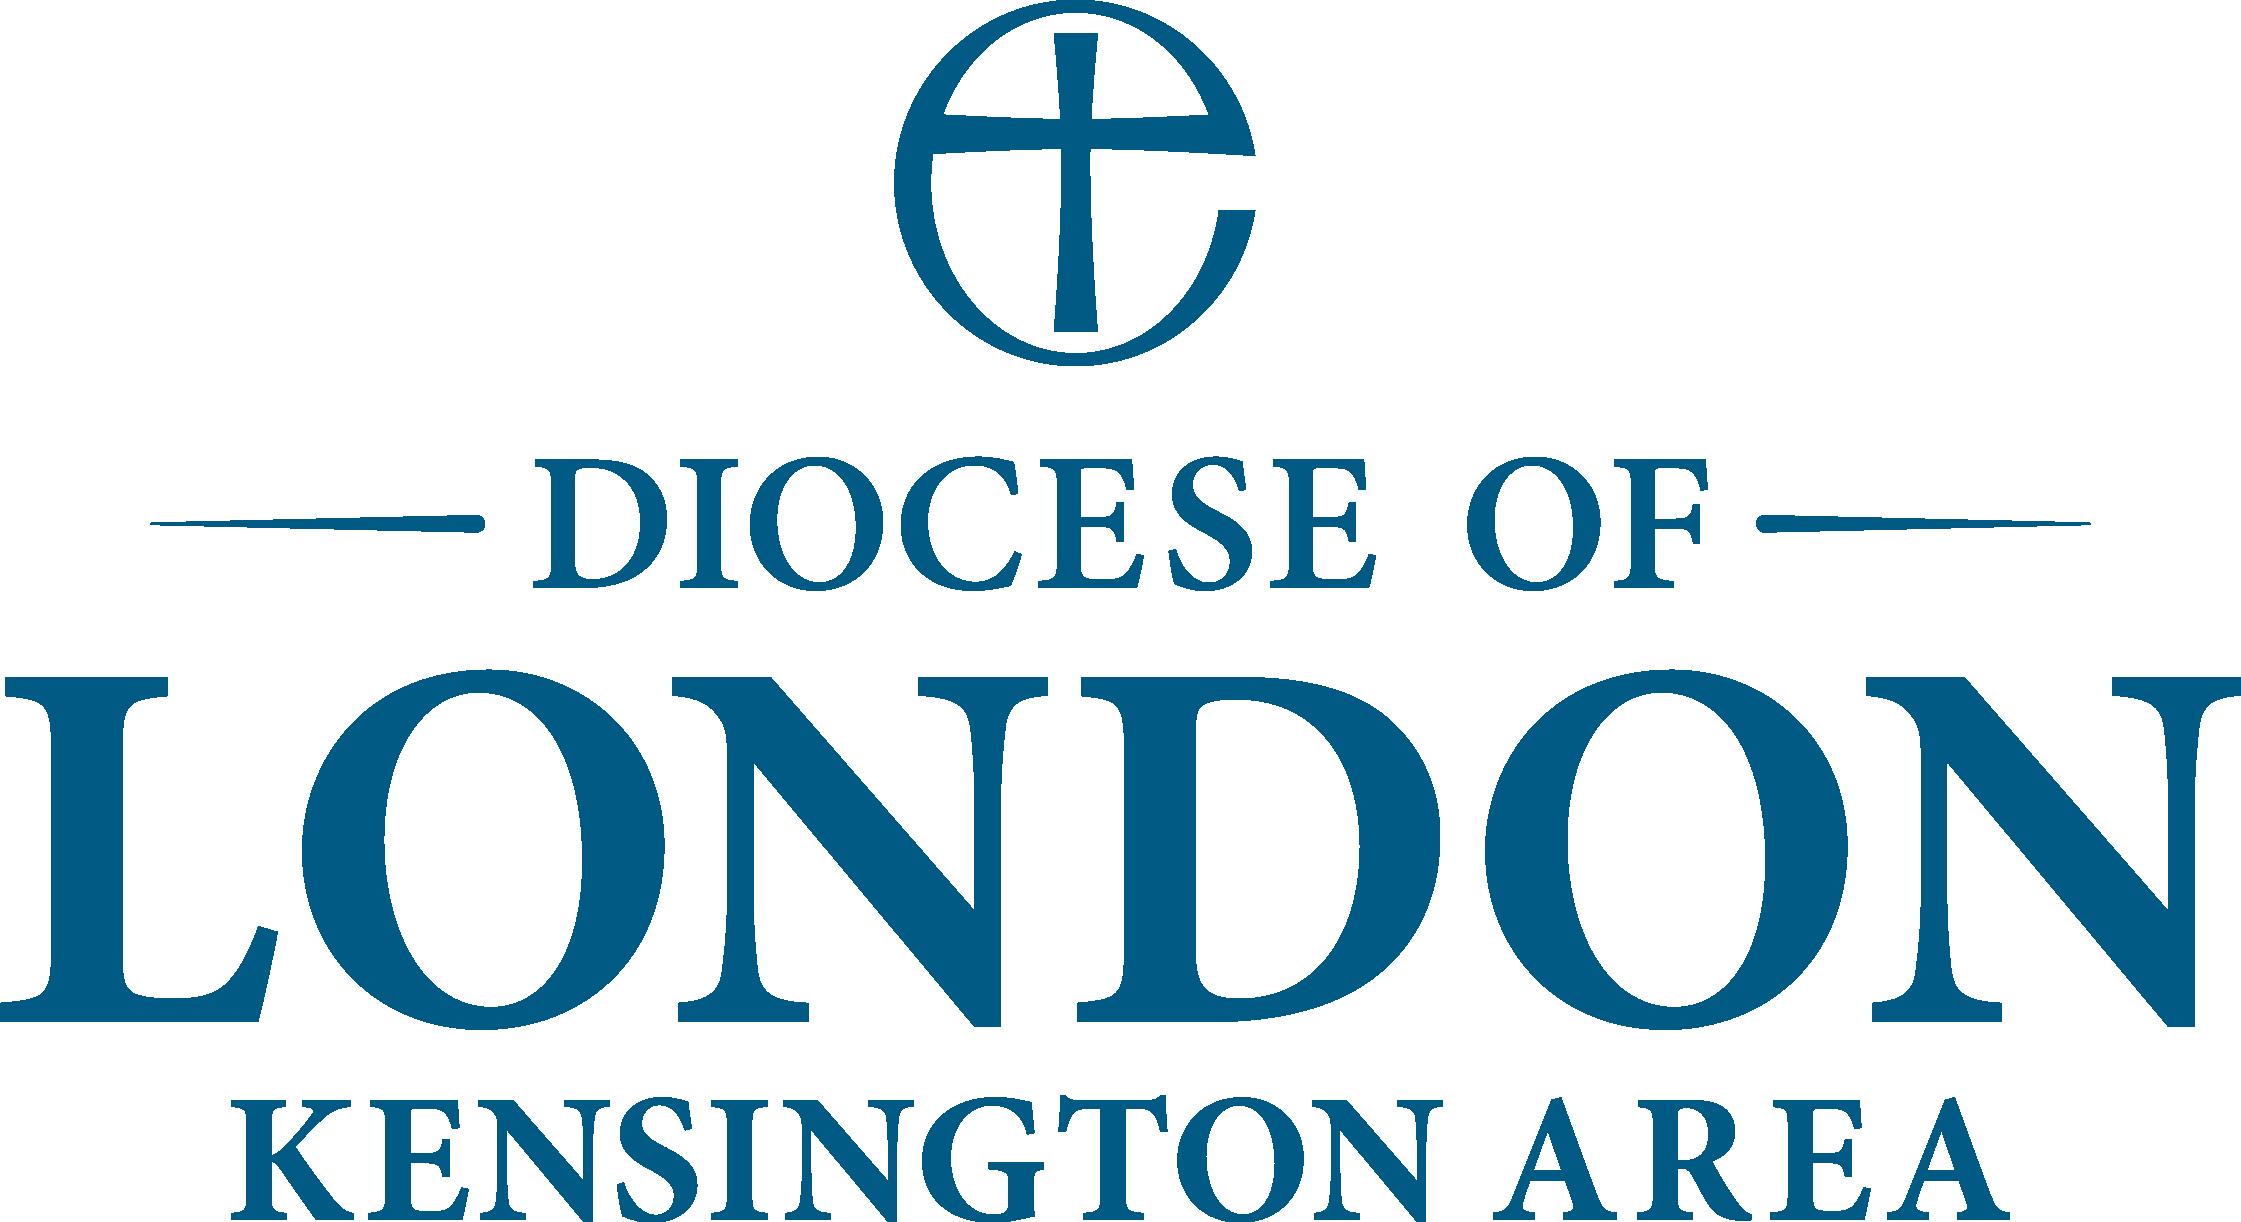 Diocese of london kensington area